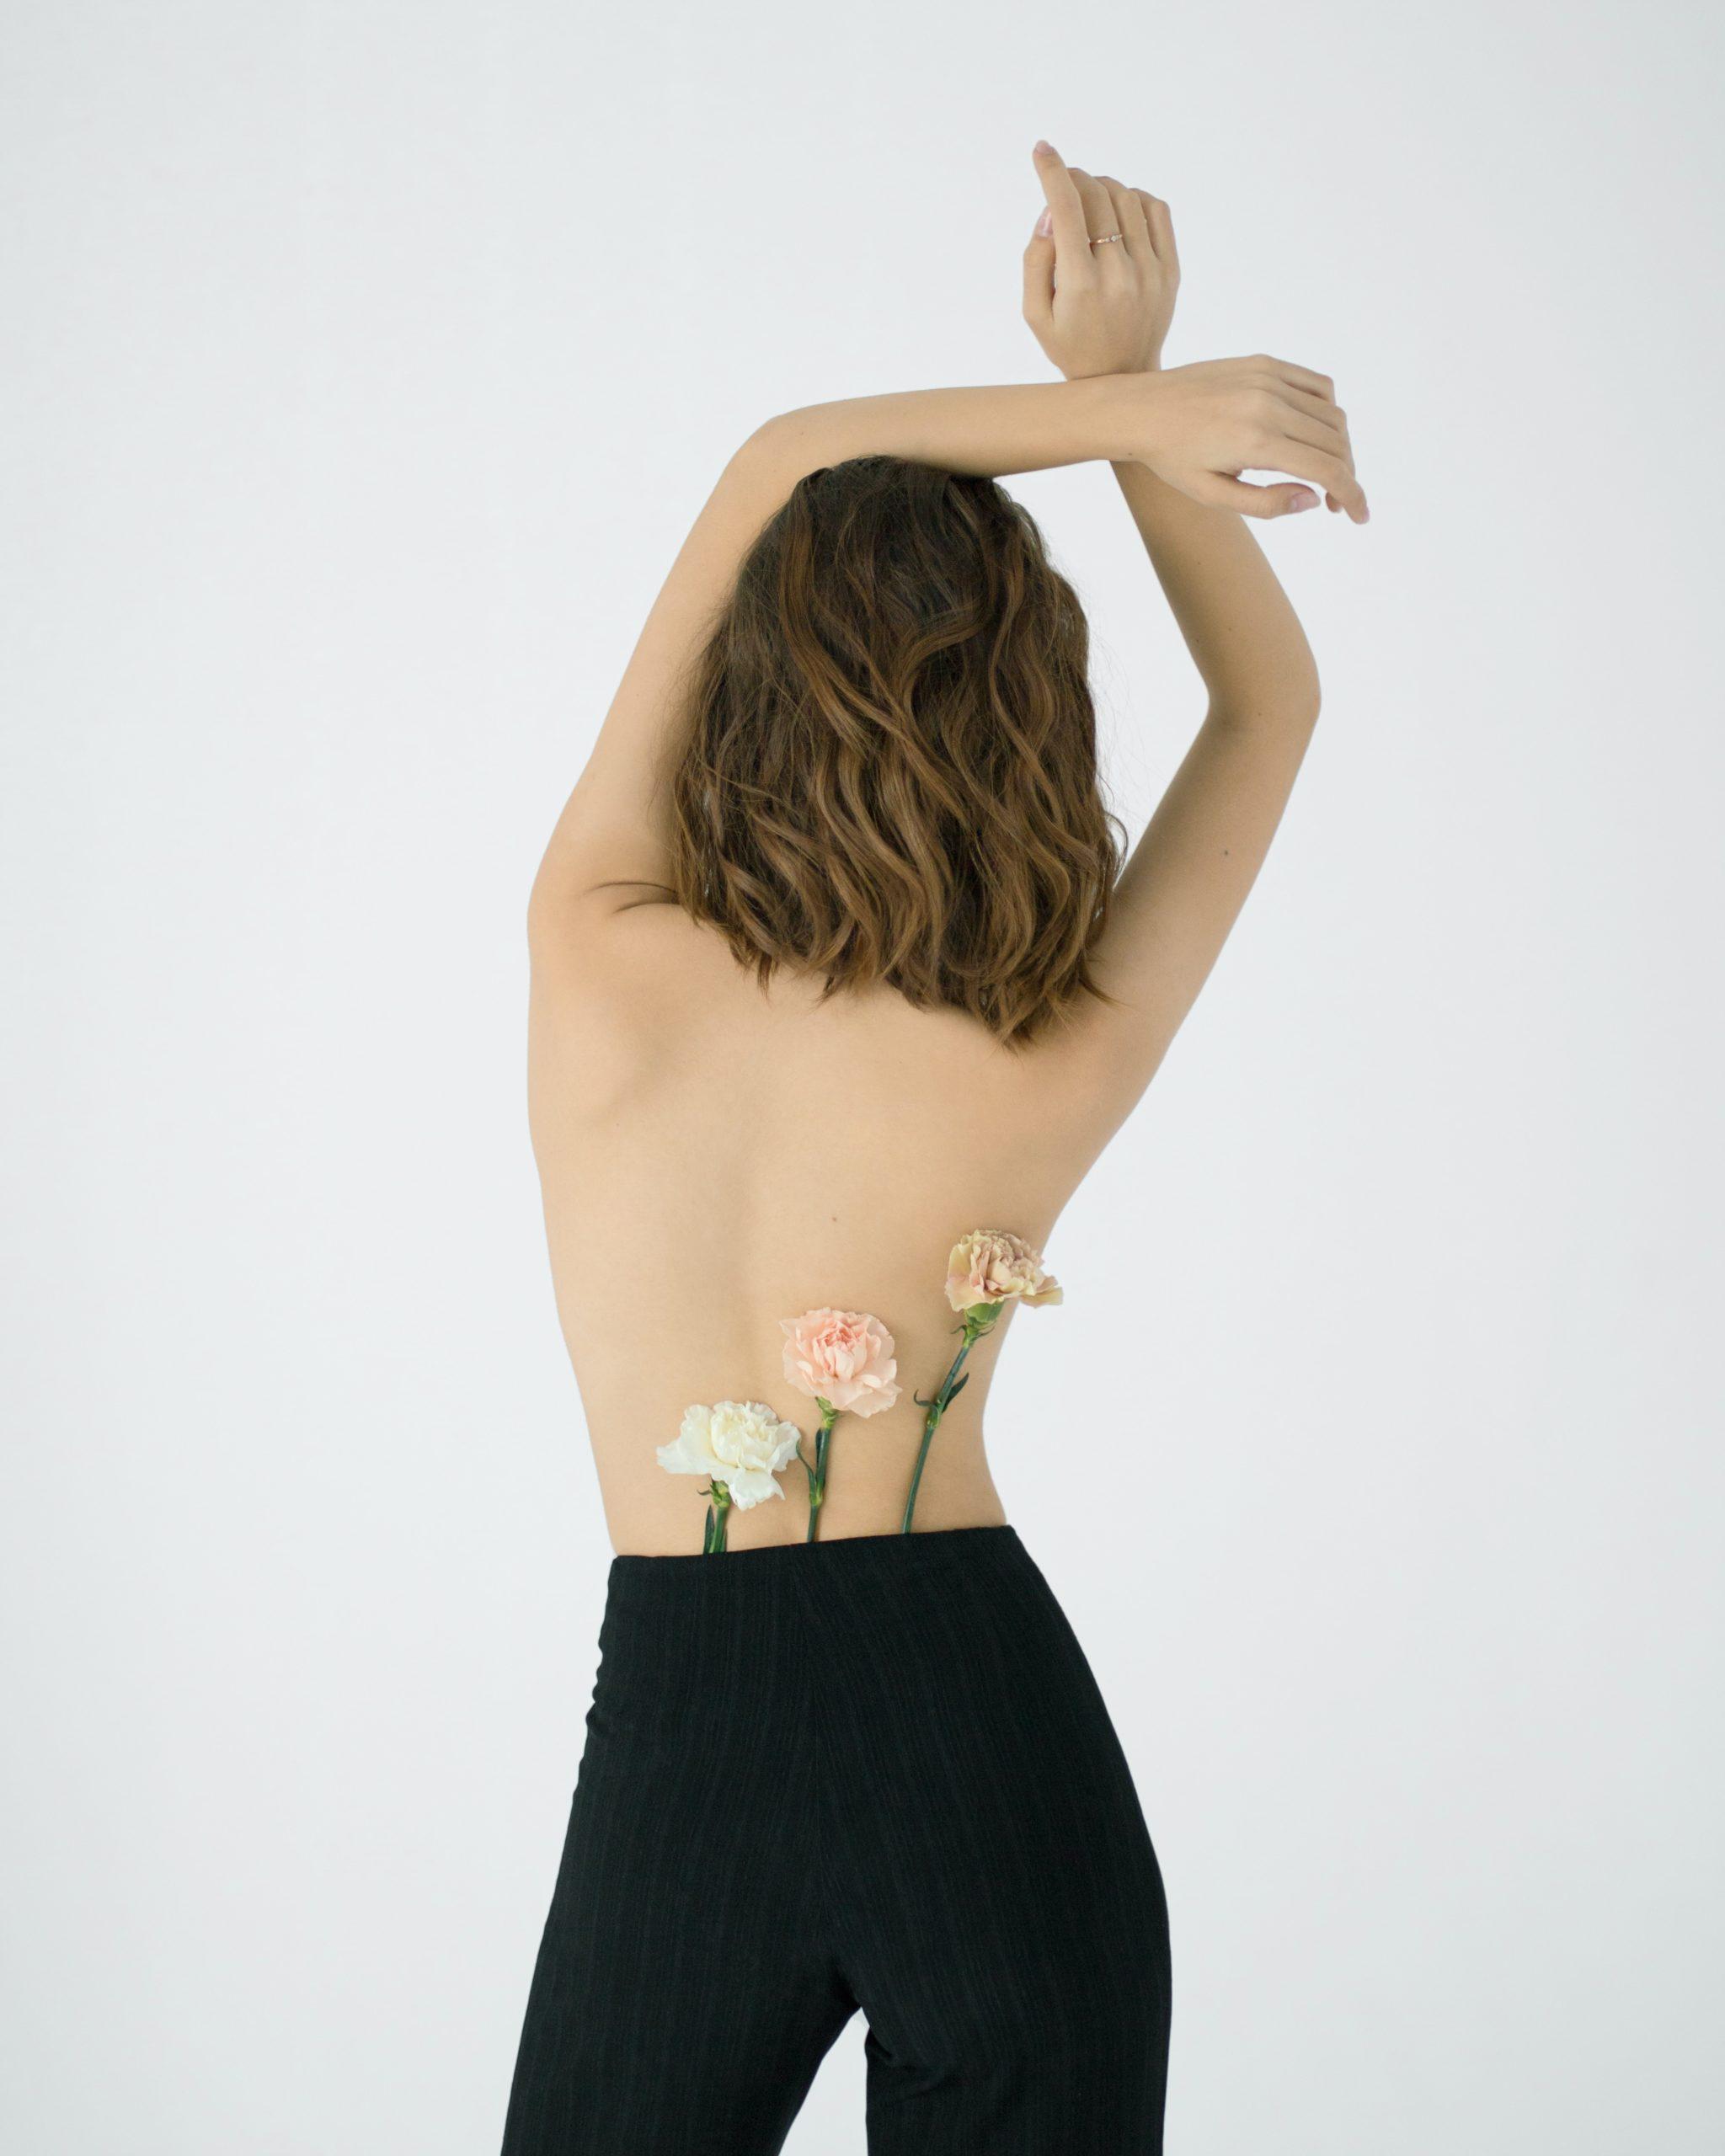 Femme dos nu portant des fleurs synonyme d'écologie afin de comprendre nos différentes morphologies